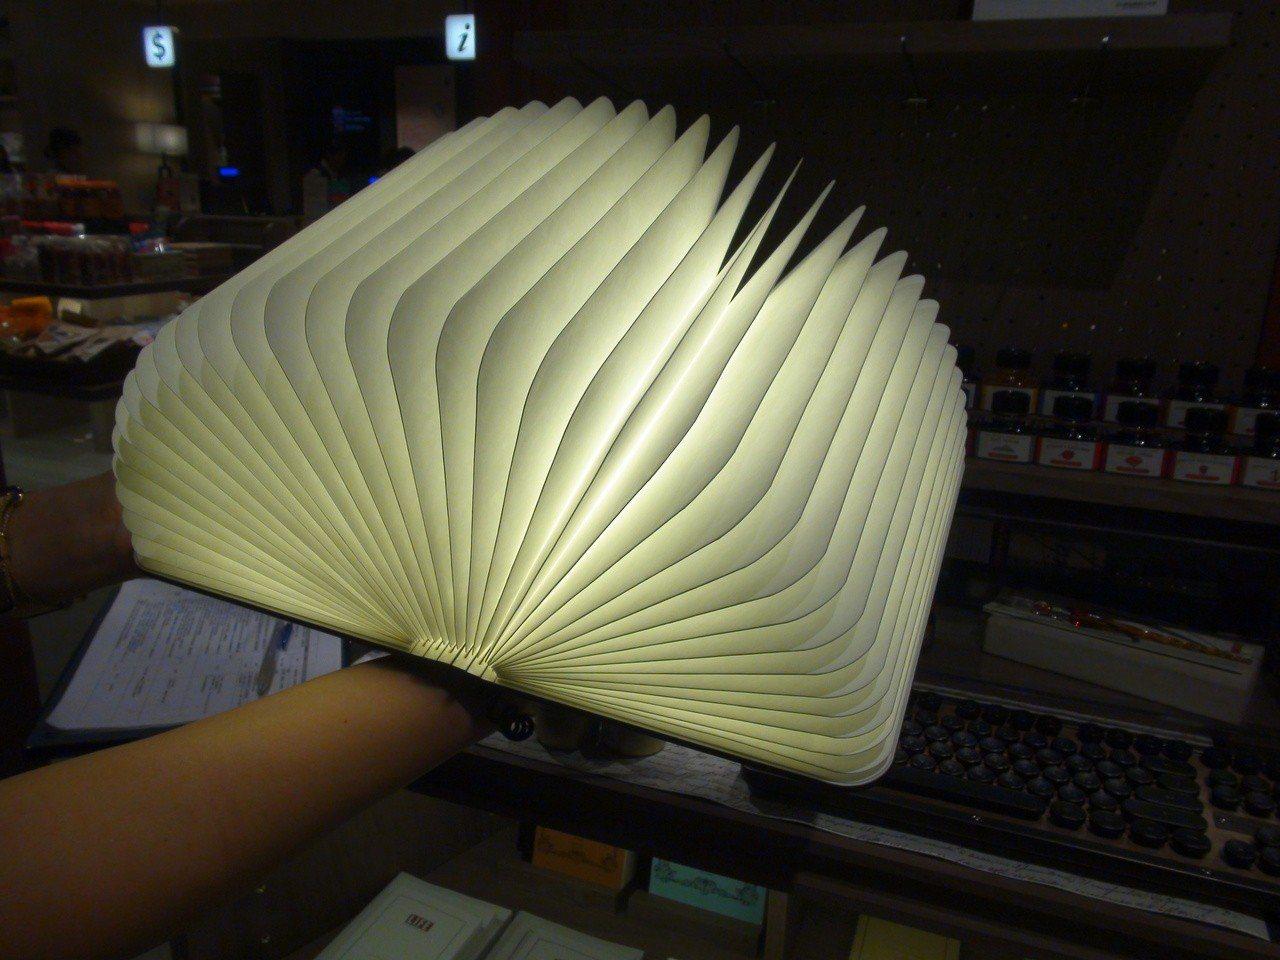 打開是頗富創意的書燈。記者謝梅芬/攝影